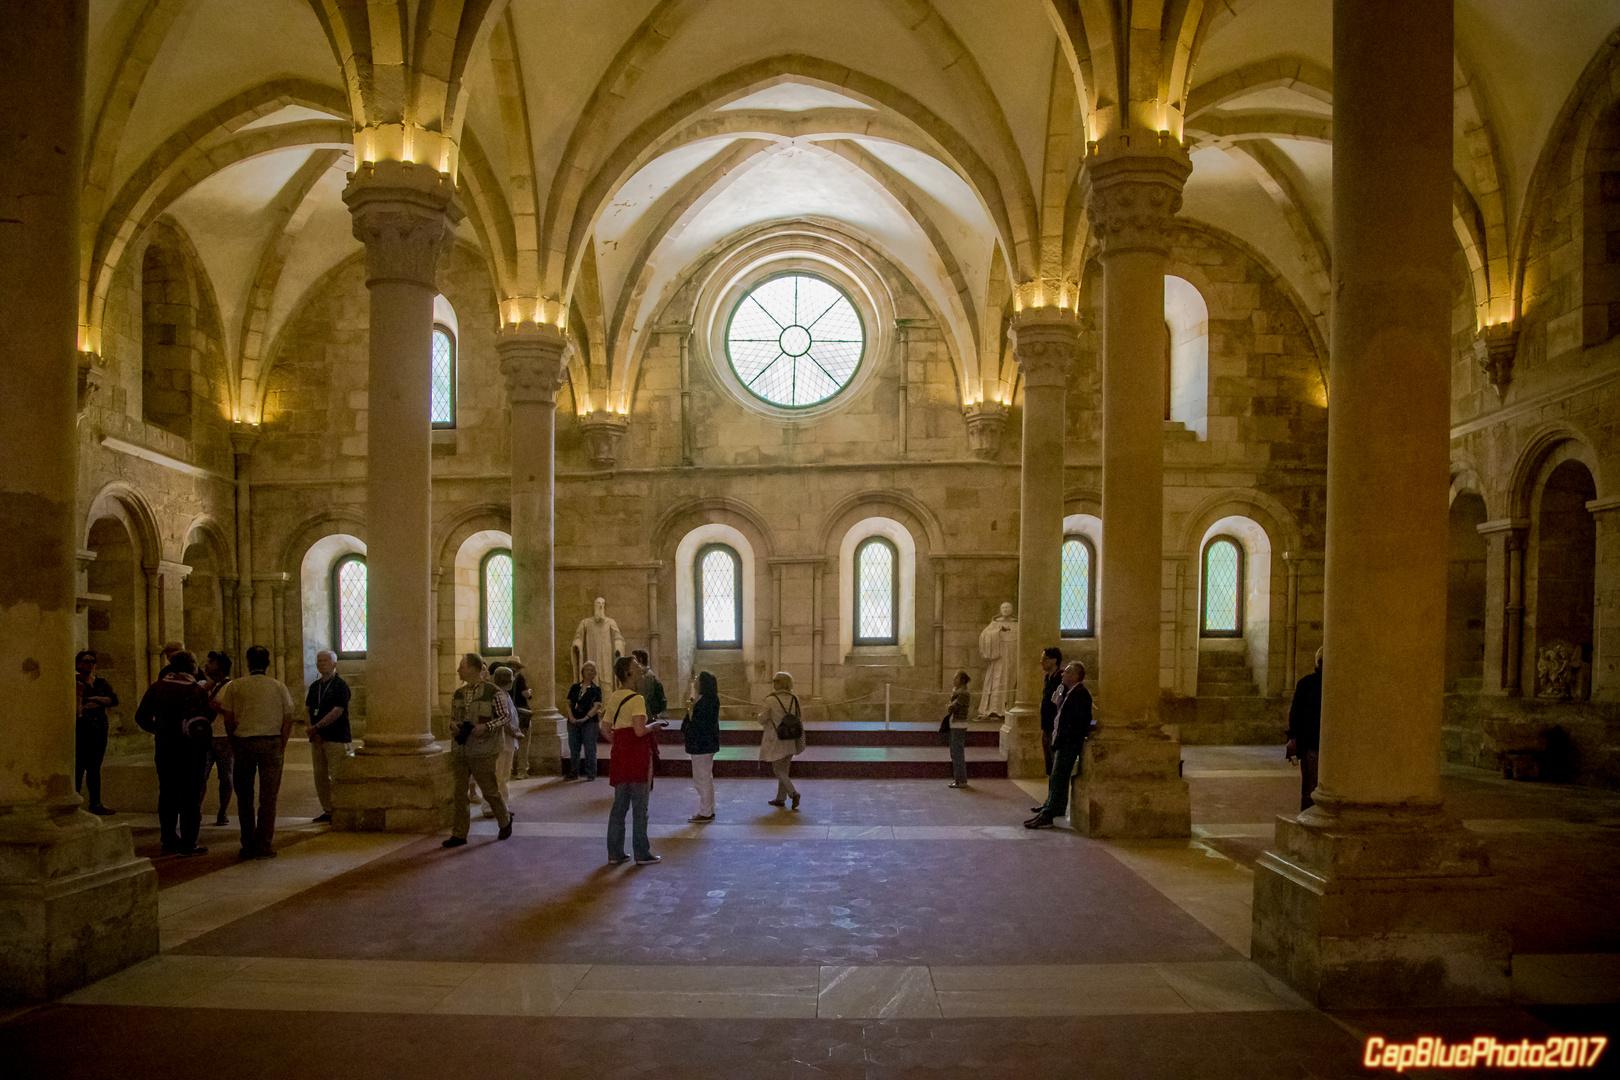 Refektorium im Mosteiro de Alcobaca